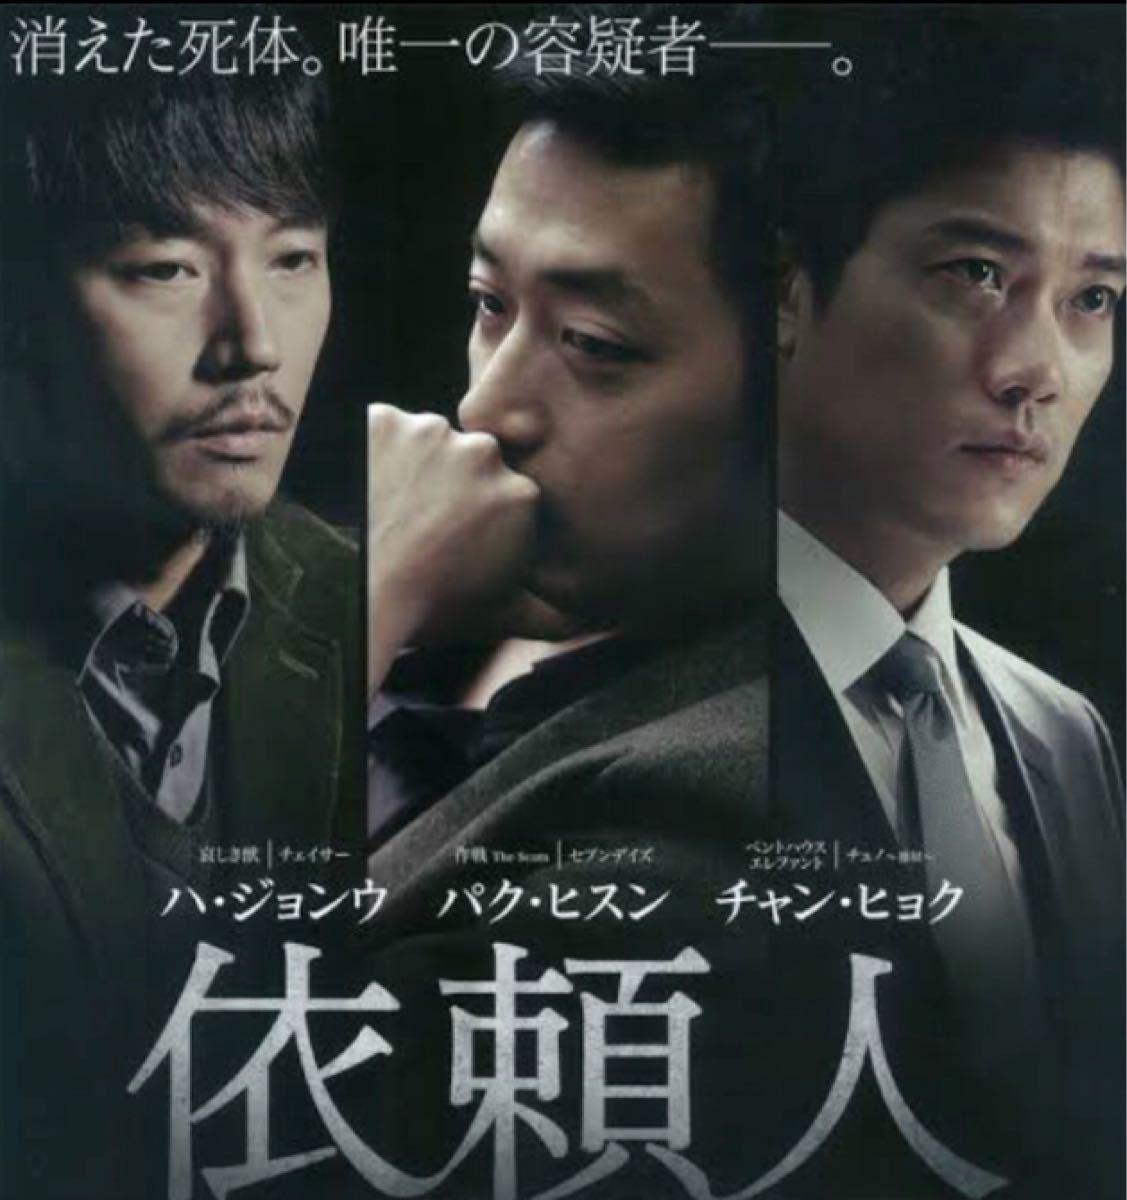 韓国映画  依頼人  ハ・ジョンウ  パク・ヒスン  DVD  日本語吹替有り  レーベル有り